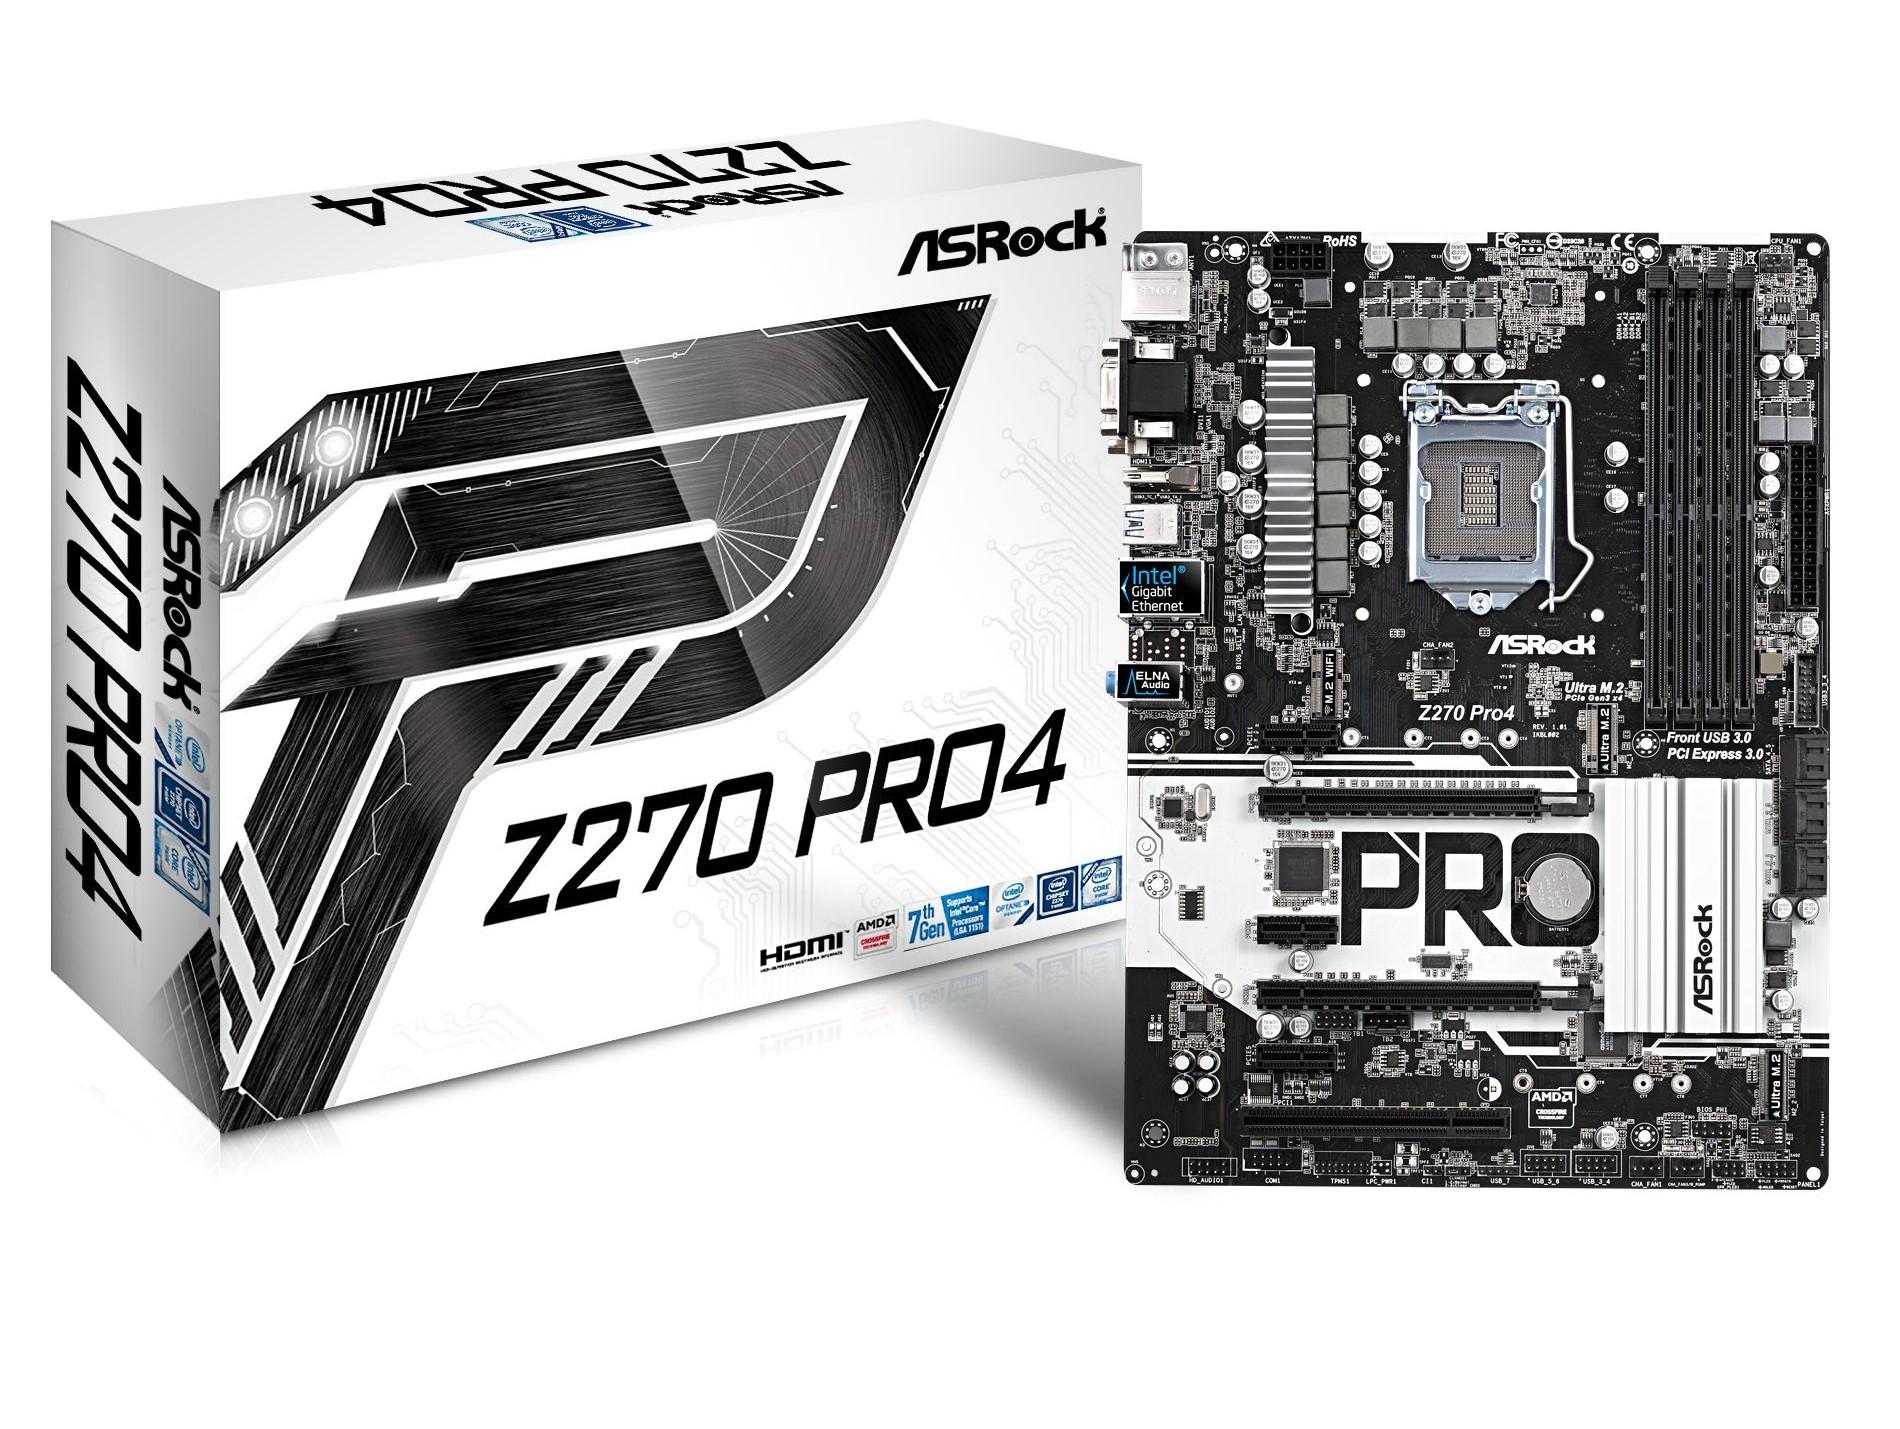 ASRock Z270 PRO 4 Motherboard